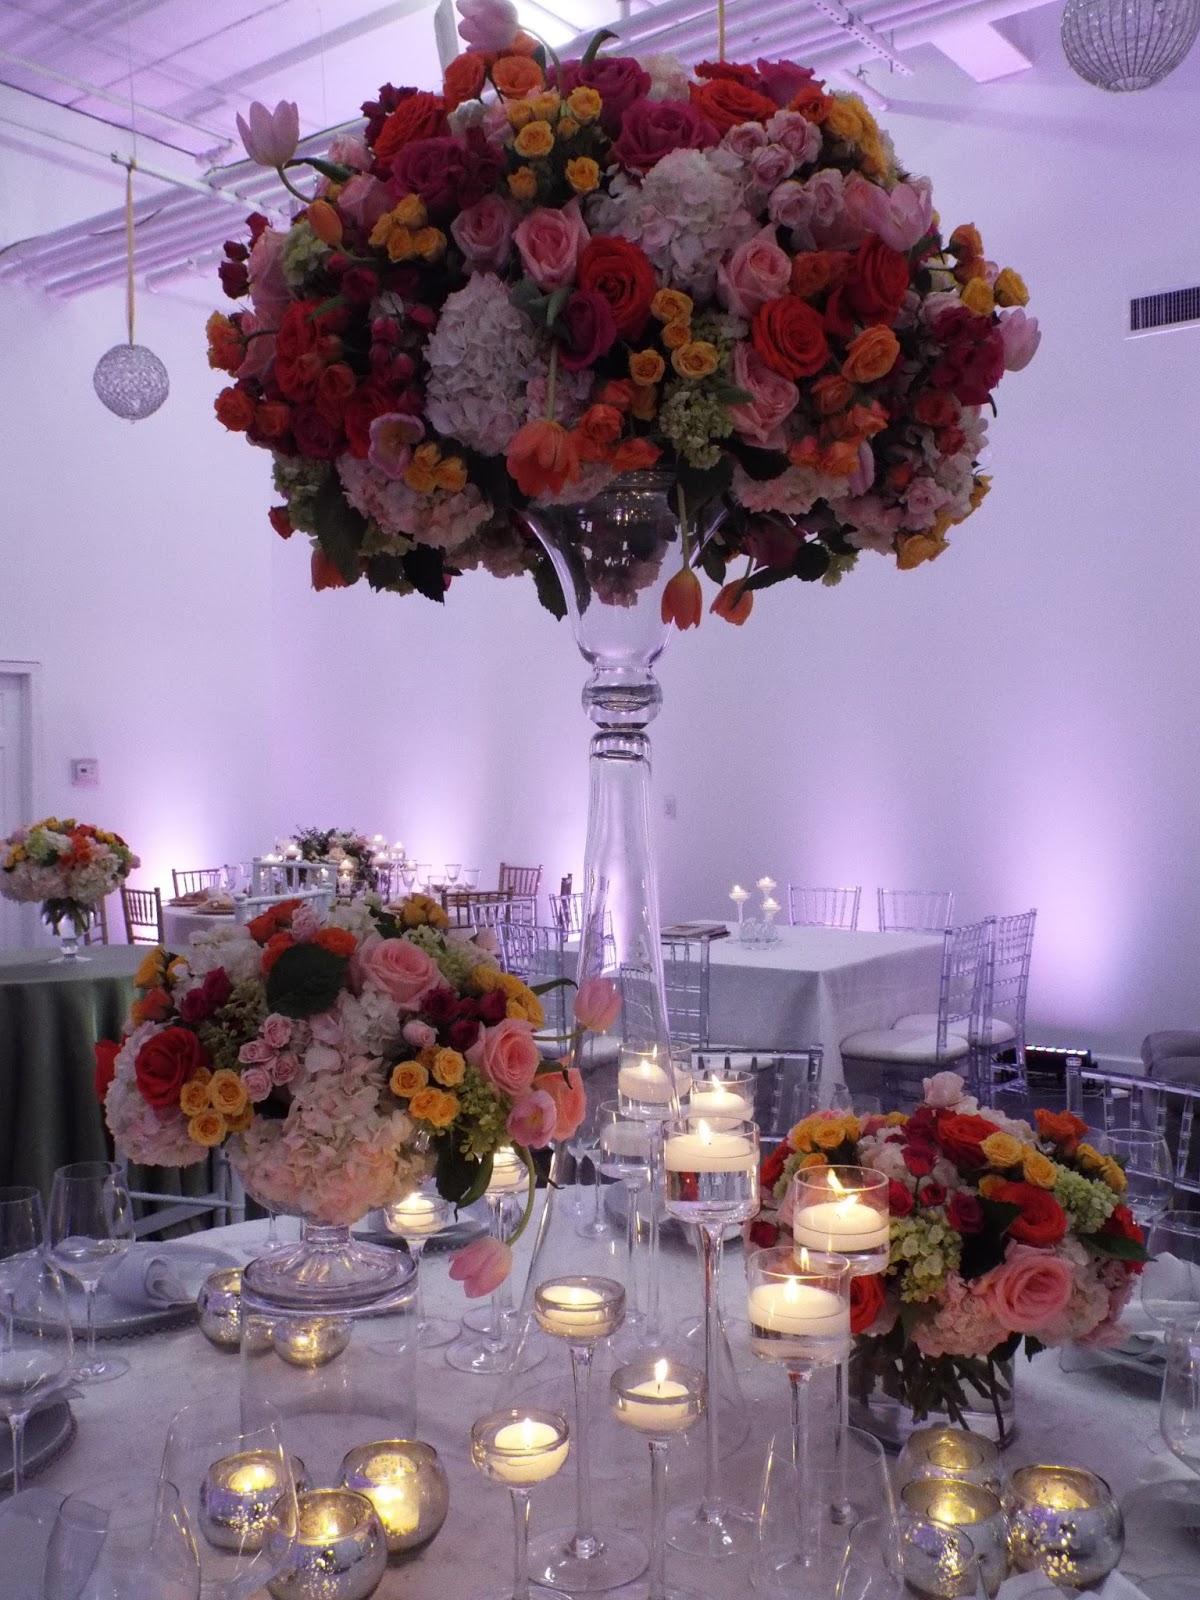 Weddings Florist Washington Dc La Primavera